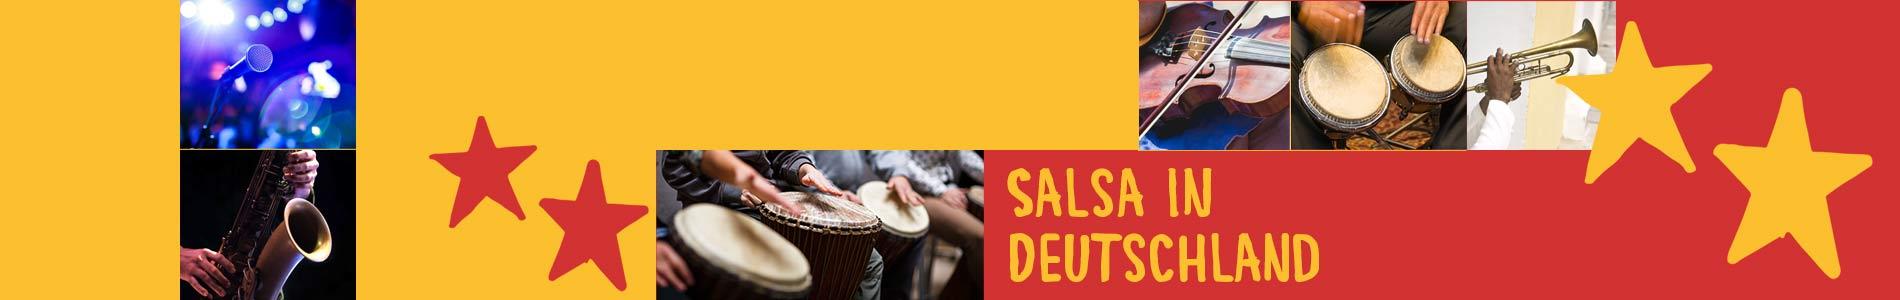 Salsa in Carolinensiel – Salsa lernen und tanzen, Tanzkurse, Partys, Veranstaltungen